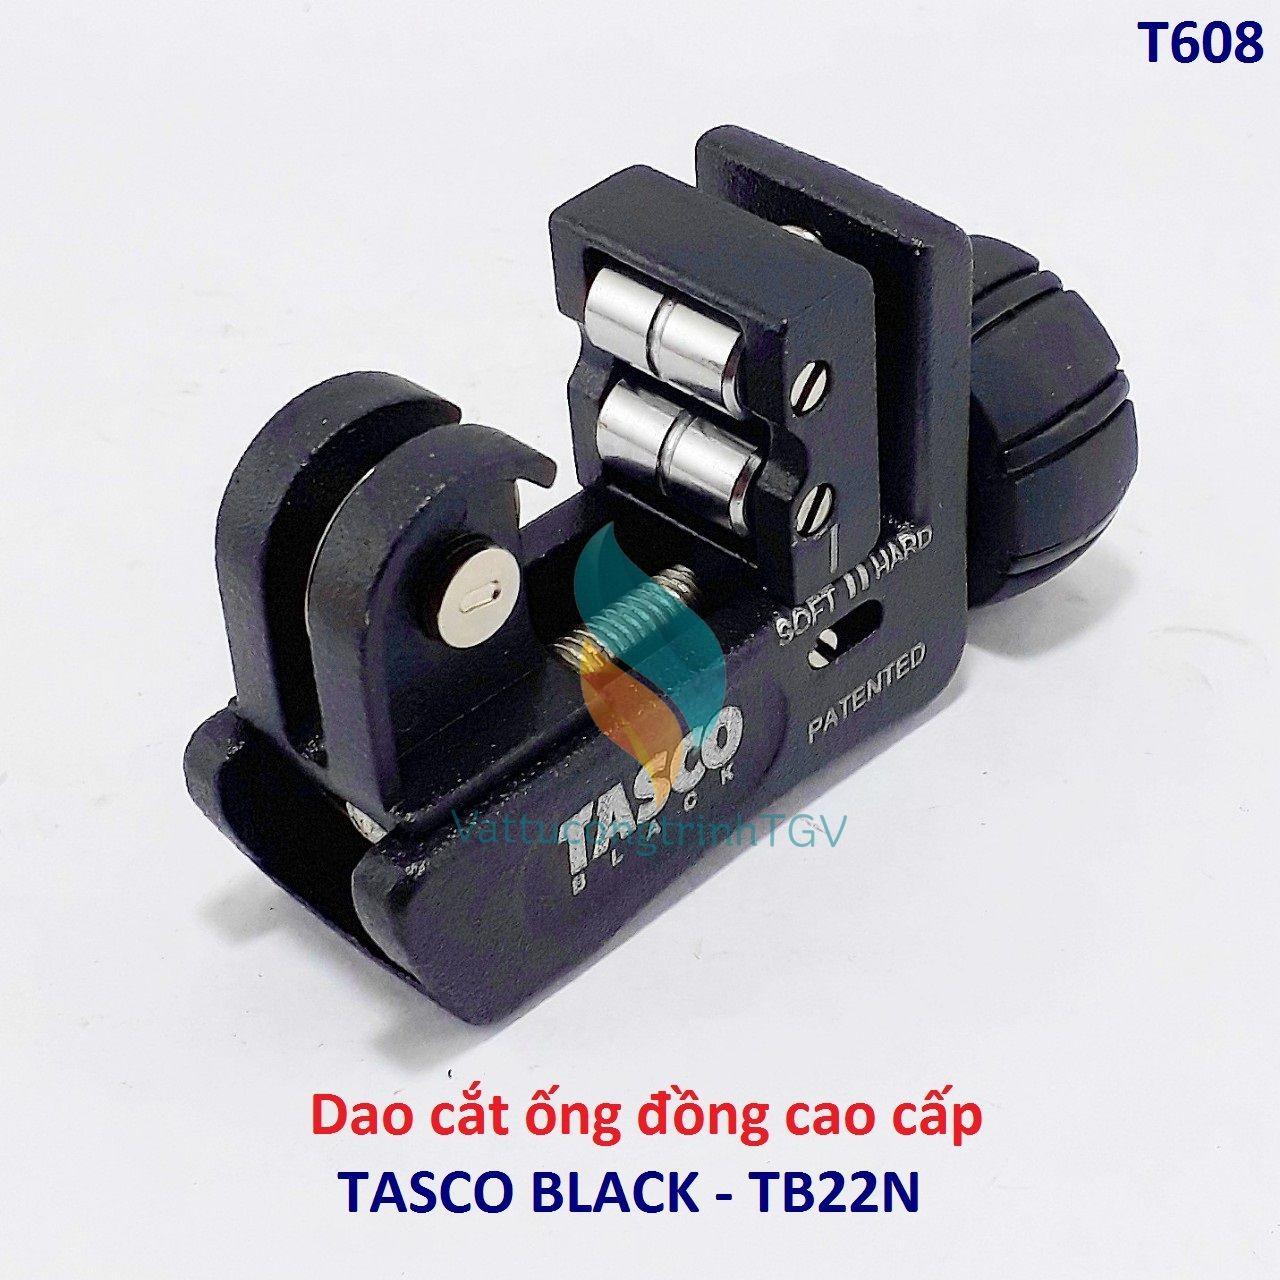 Hình ảnh Dao cắt ống đồng cao cấp TASCO TB22N